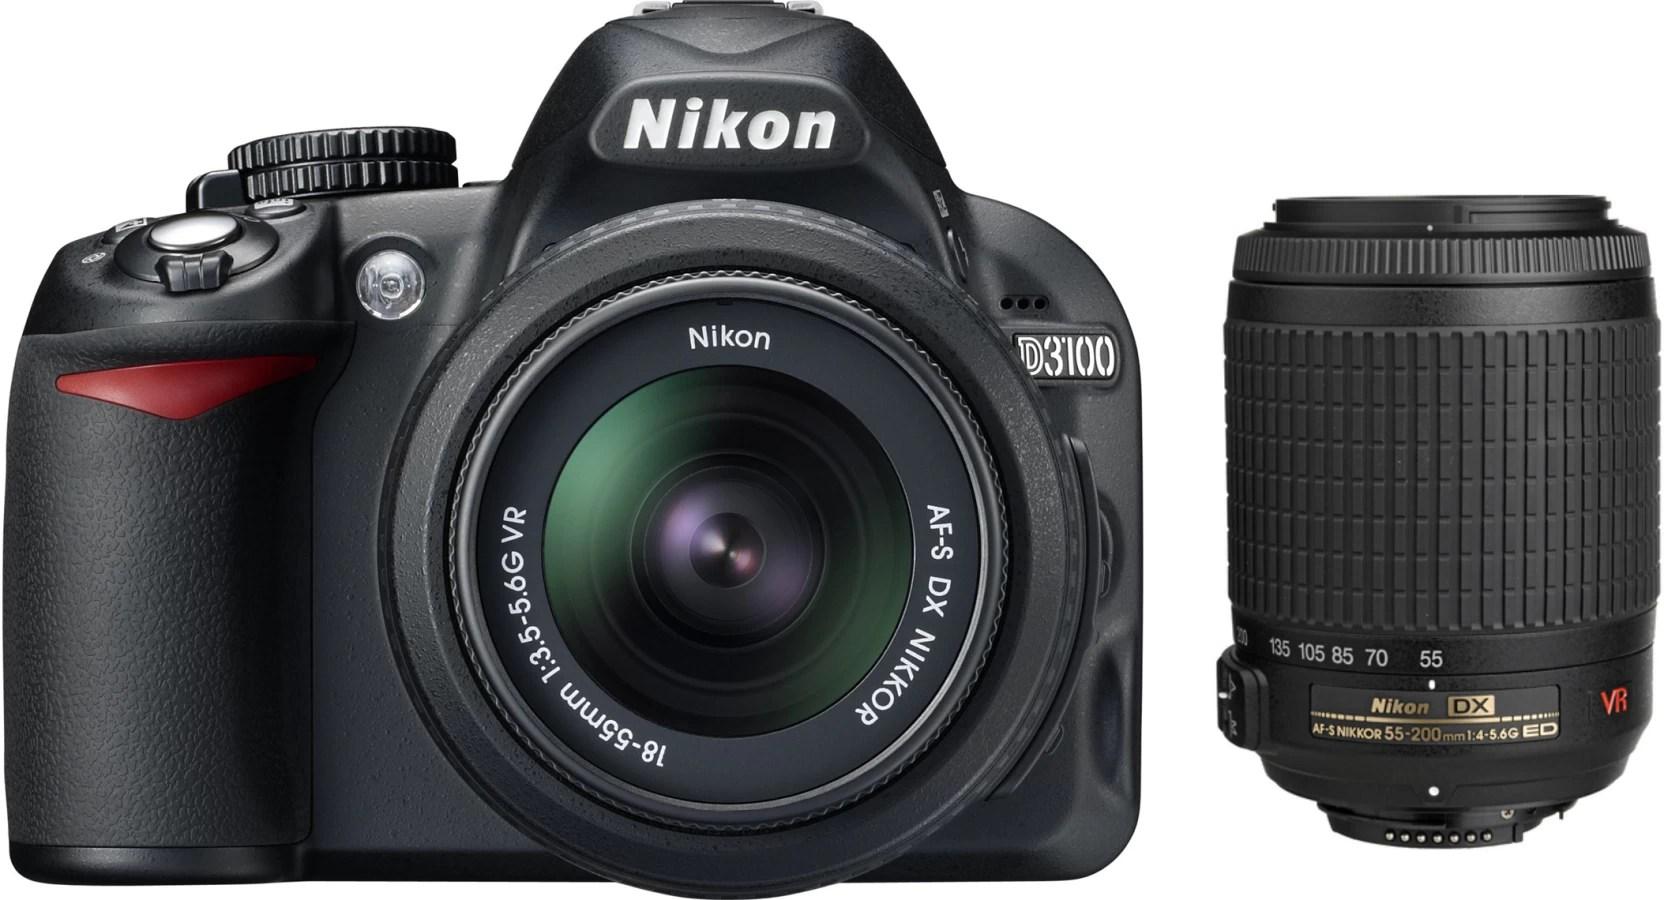 First Nikon D3100 Bangladesh Af S 18 55 Mm Vr Kit Nikon Af S Dx Vr Zoom Original Imadte399vhgjzmz Nikon D3100 Price Bangladesh 2018 Nikon D3100 Price dpreview Nikon D3100 Price